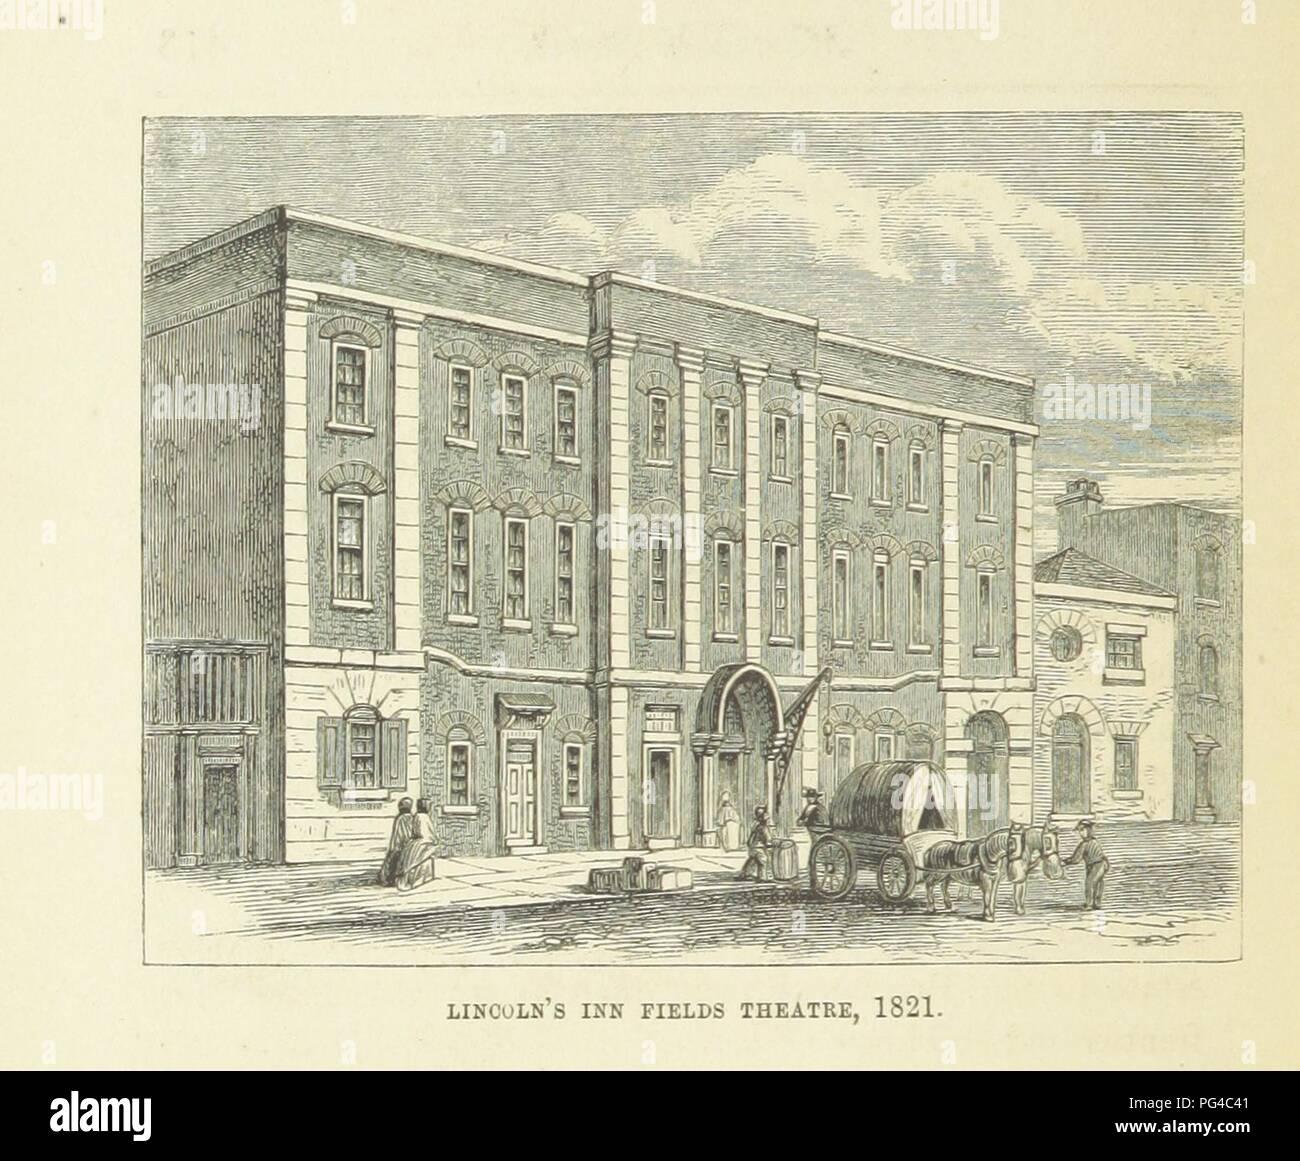 """Imagen de la página 438 de """"Haunted Londres ... Ilustrado por F. W. Fairholt' . Imagen De Stock"""